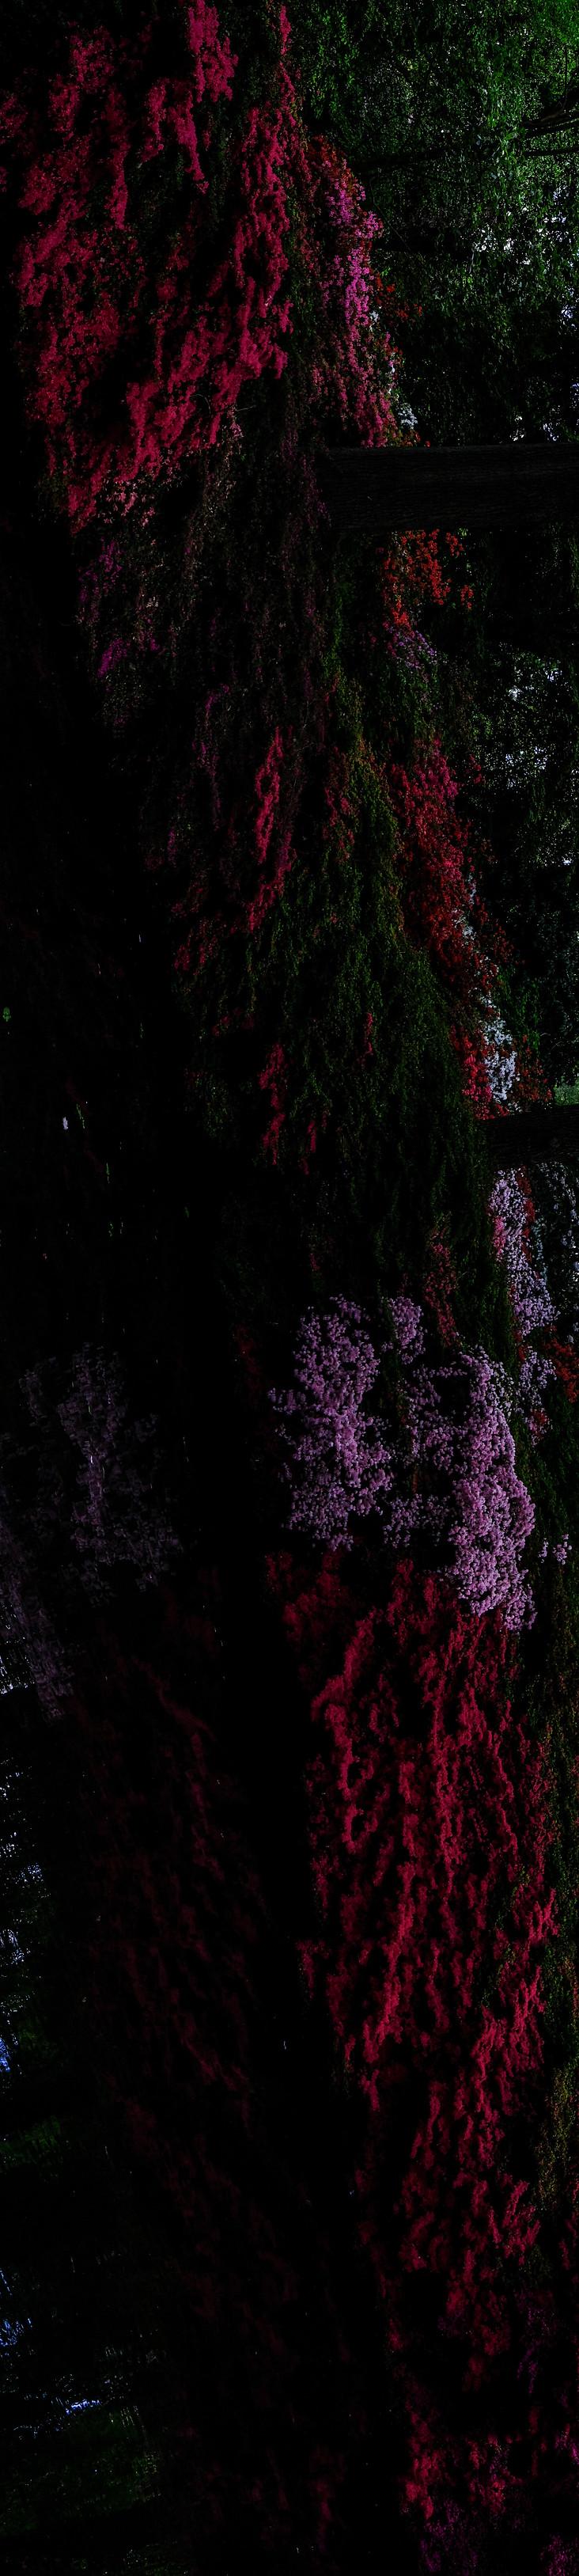 Flower Root I.jpg